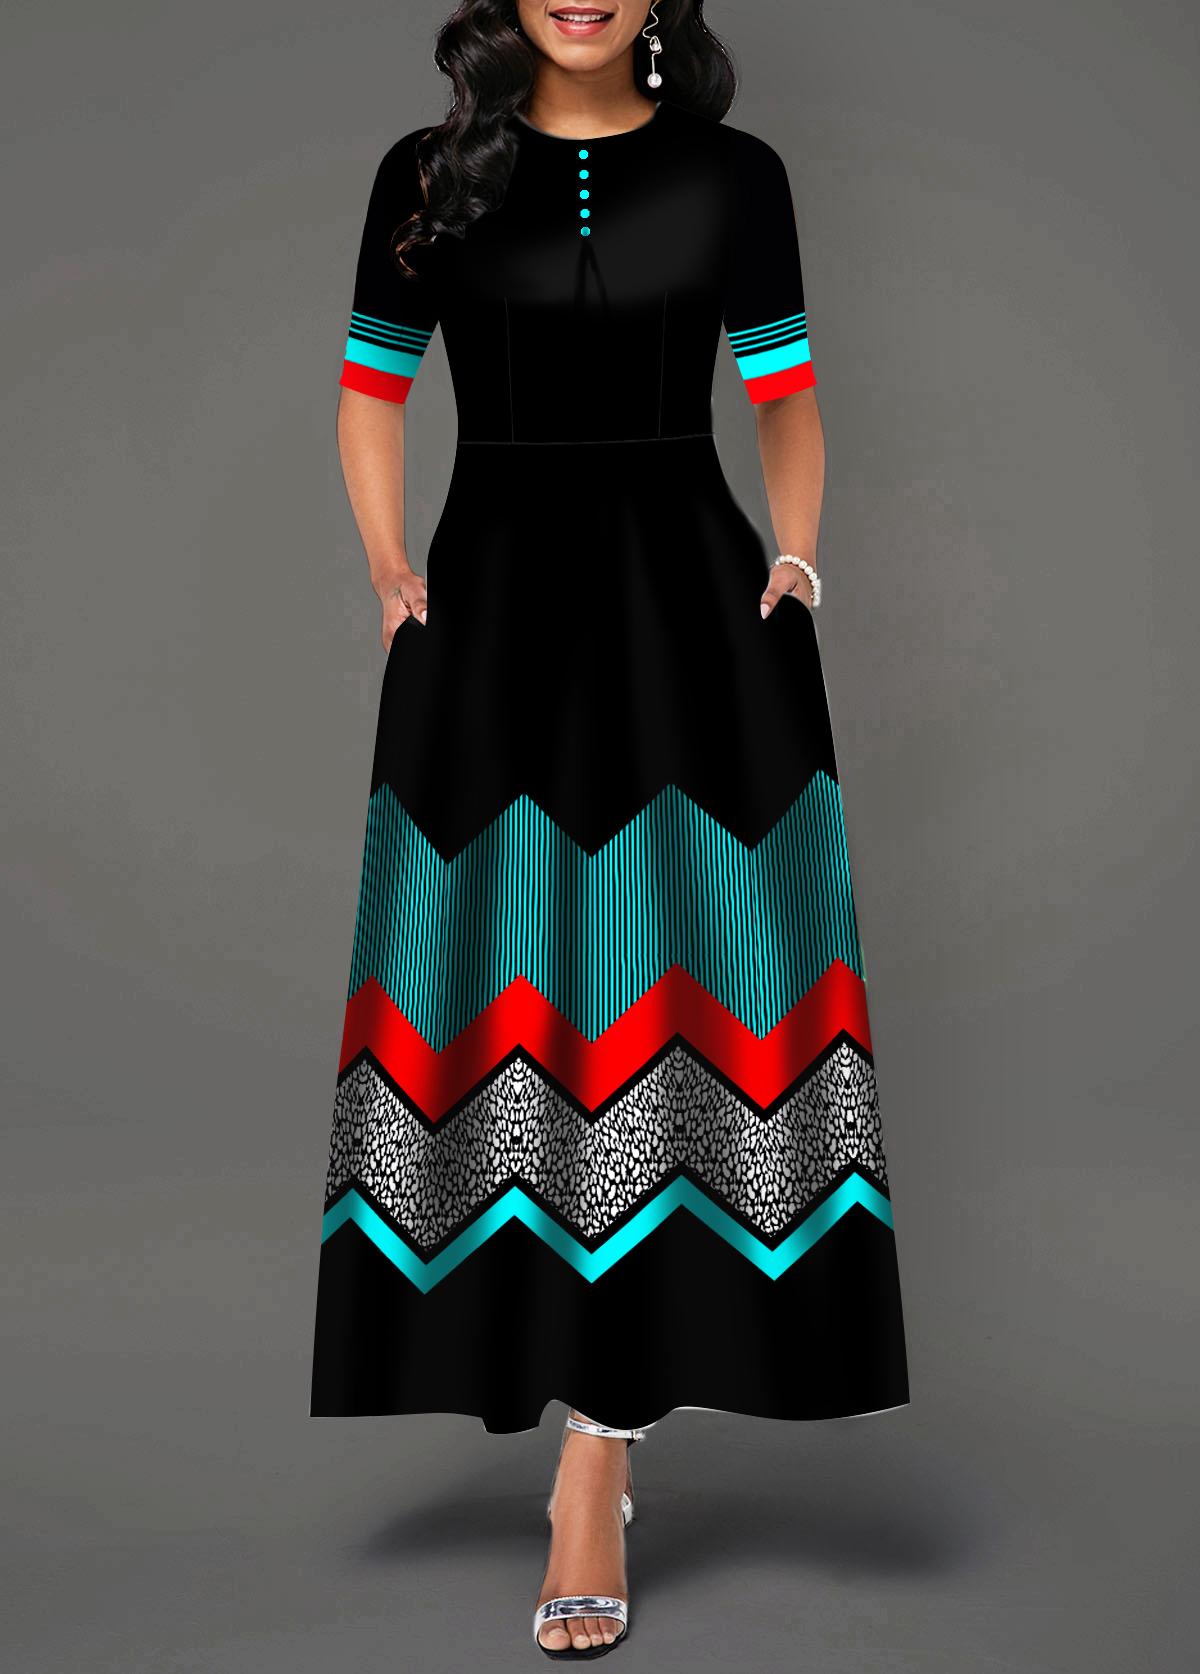 Color Block Chevron Print Button Detail Dress